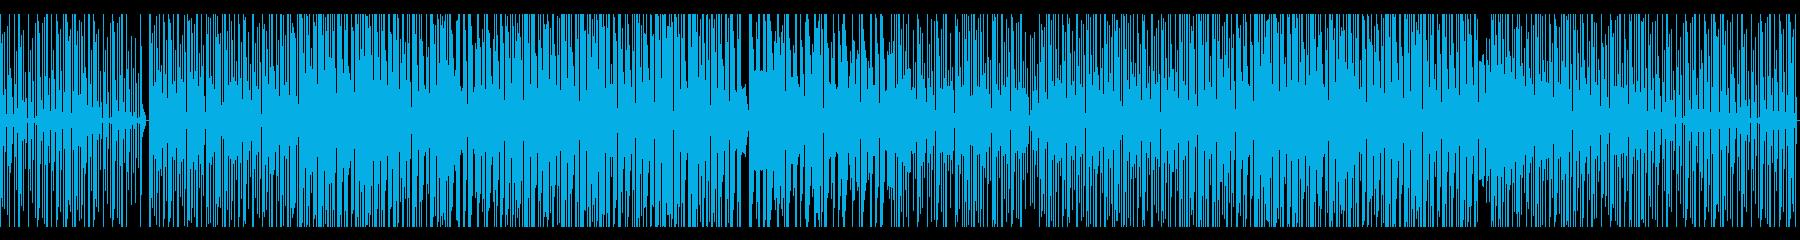 ビート強めなBGMの再生済みの波形